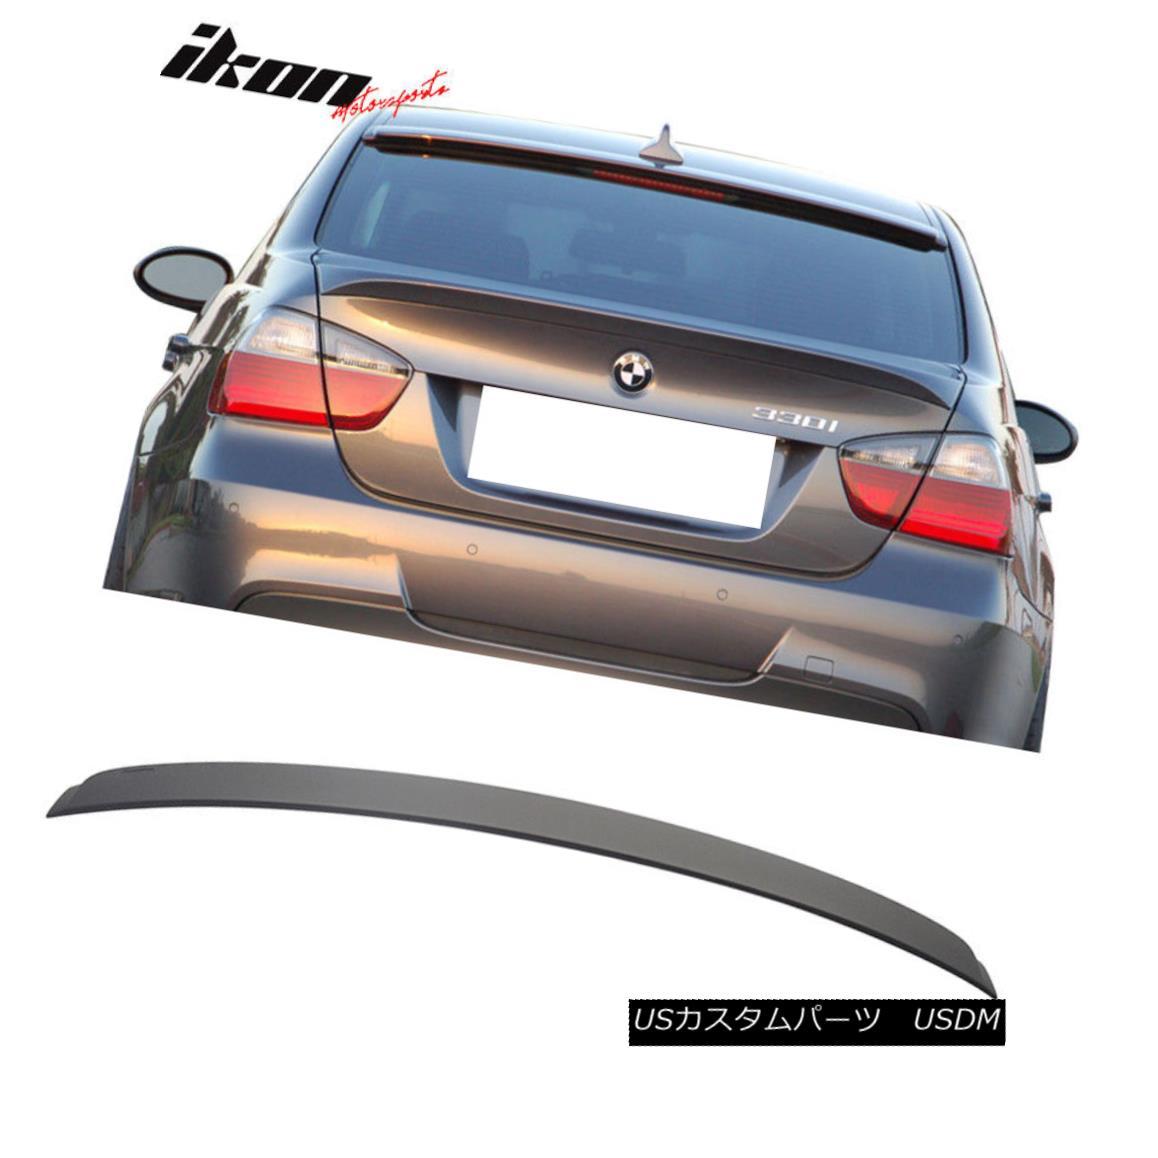 エアロパーツ Fits 06-11 BMW 3 Series E90 Sedan 4Dr AC Unpainted ABS Rear Roof Spoiler Wing フィット06-11 BMW 3シリーズE90セダン4Dr AC未塗装ABSリアルーフスポイラーウイング